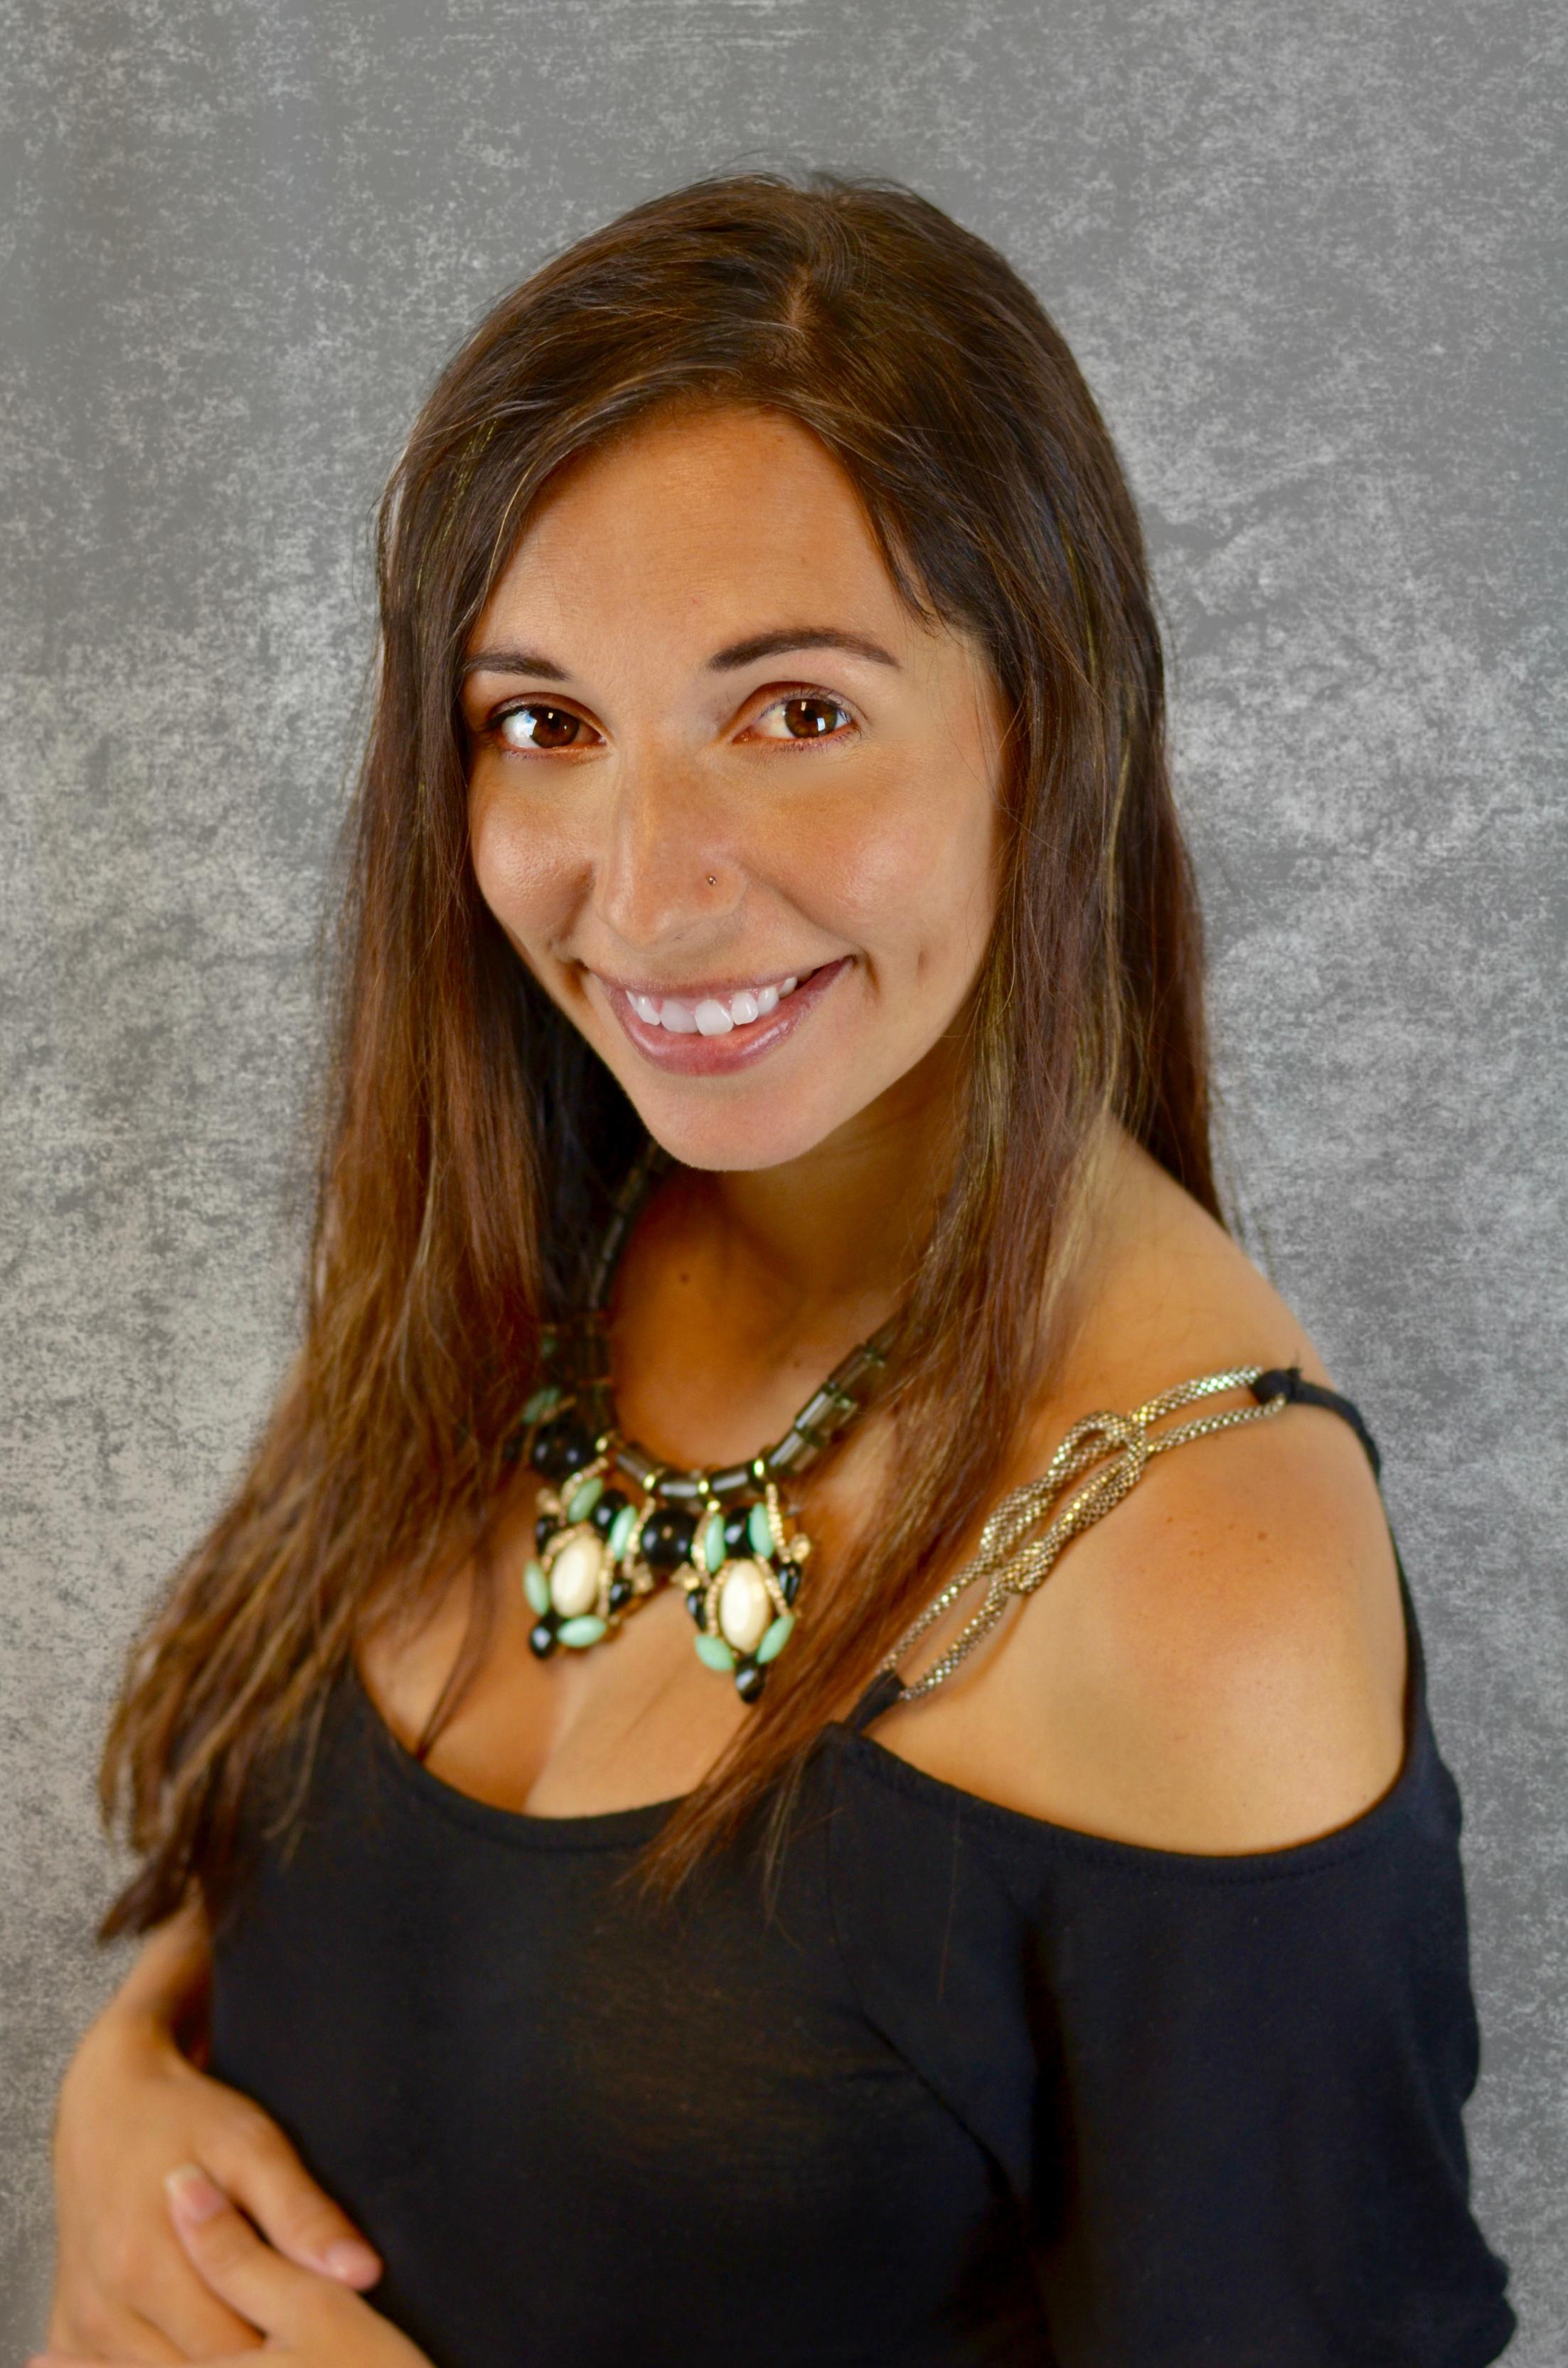 Brandy Karalewitz